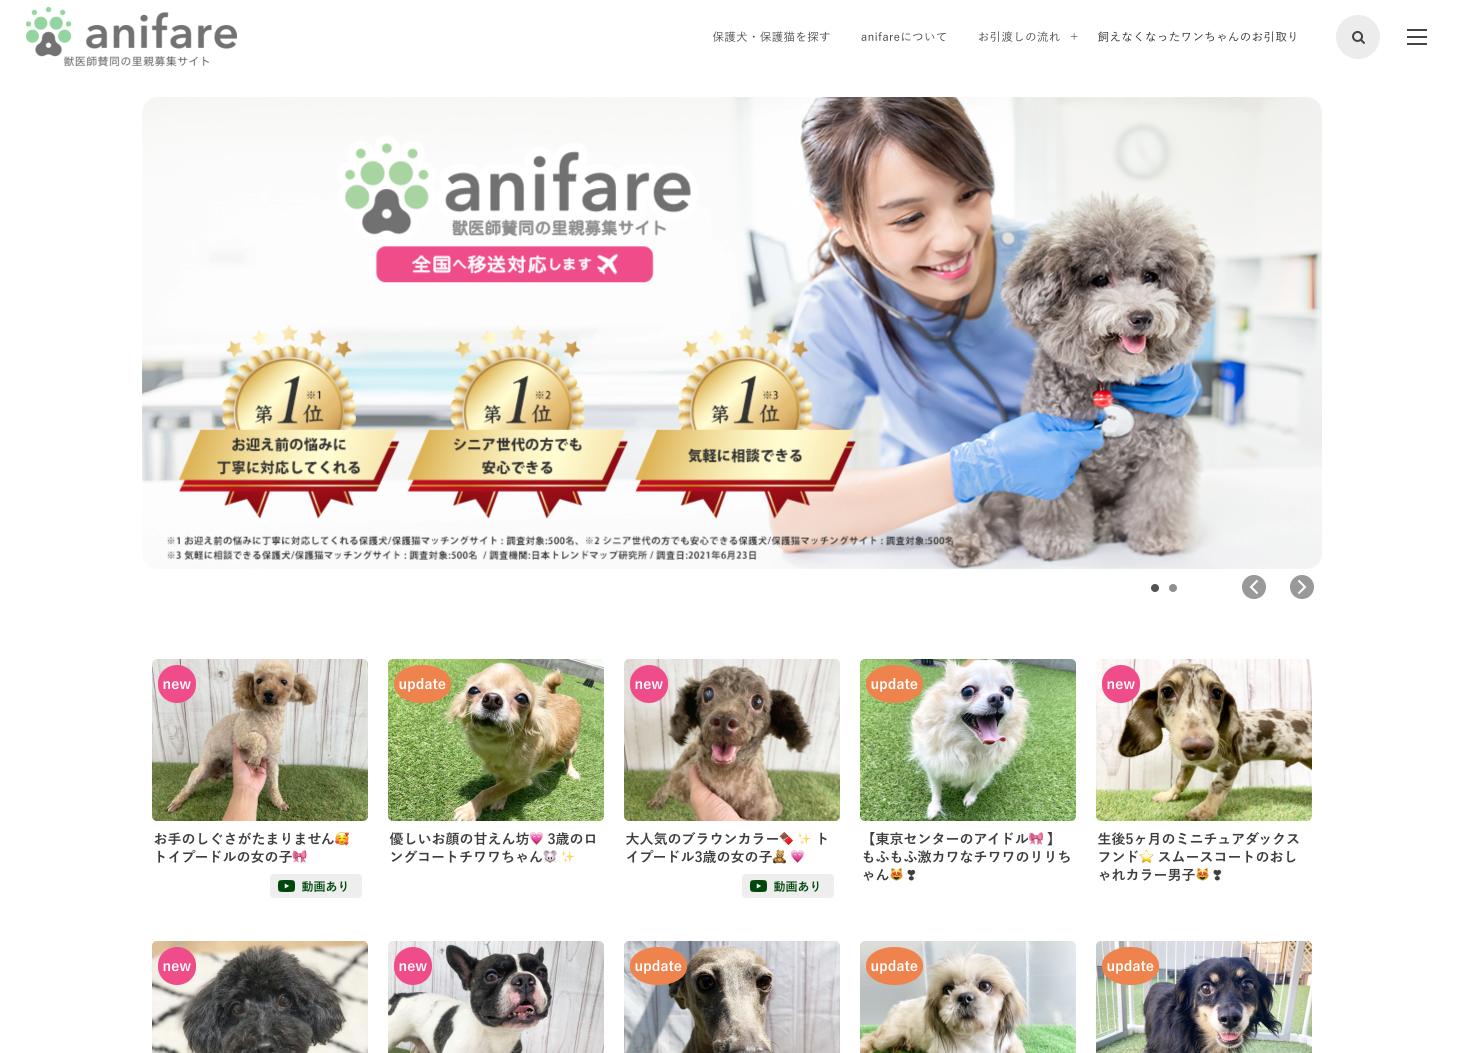 獣医師賛同の⾥親募集サイト「anifare」(アニフェア)が 保護⽝・保護猫譲渡数4,000頭を達成